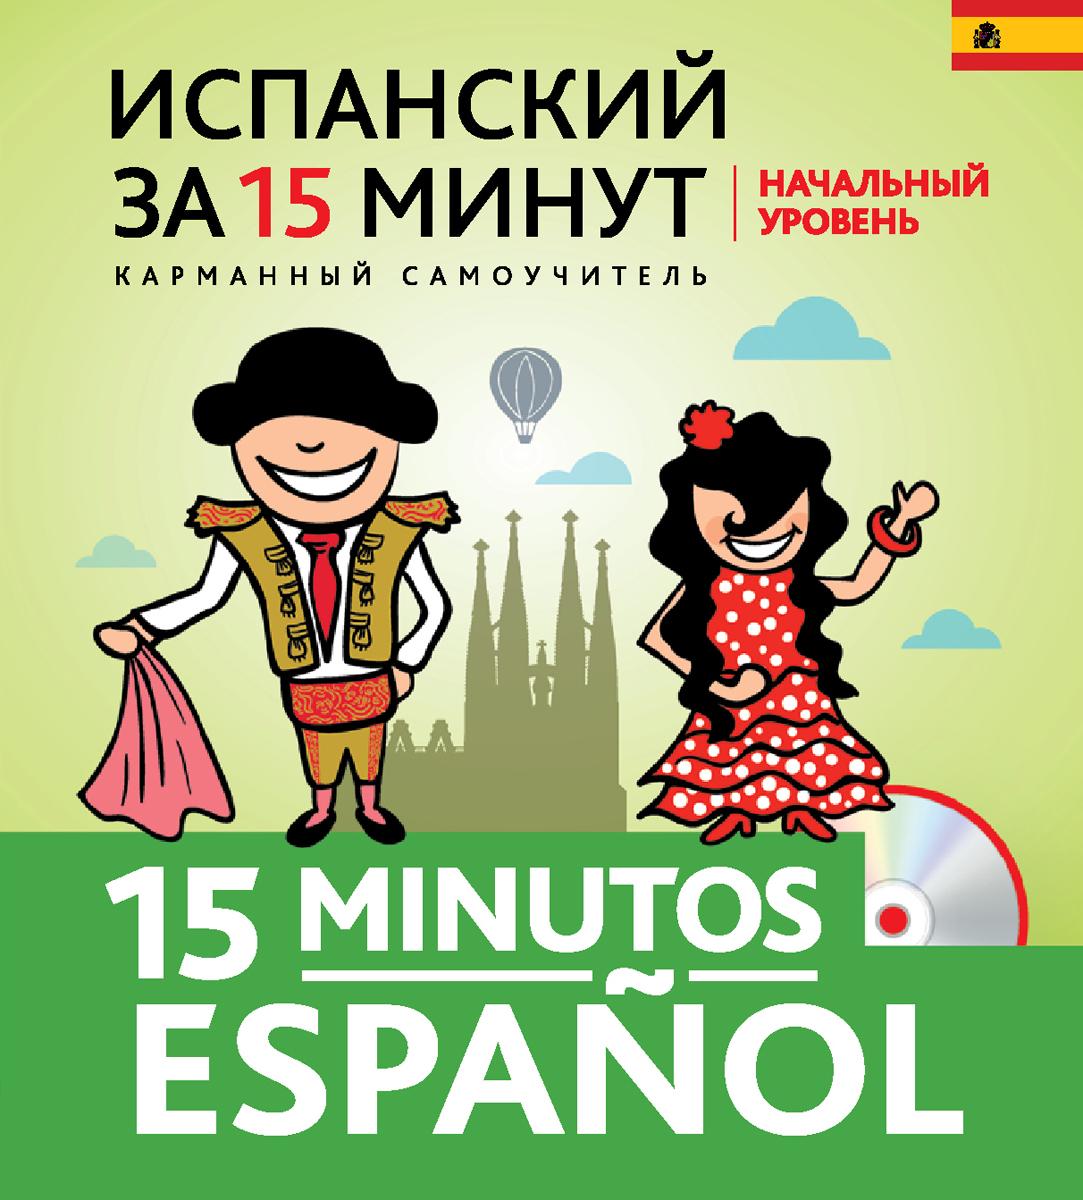 Е. В. Ермакова, Л. В. Константинова Испанский за 15 минут. Начальный уровень (+ CD) стоимость